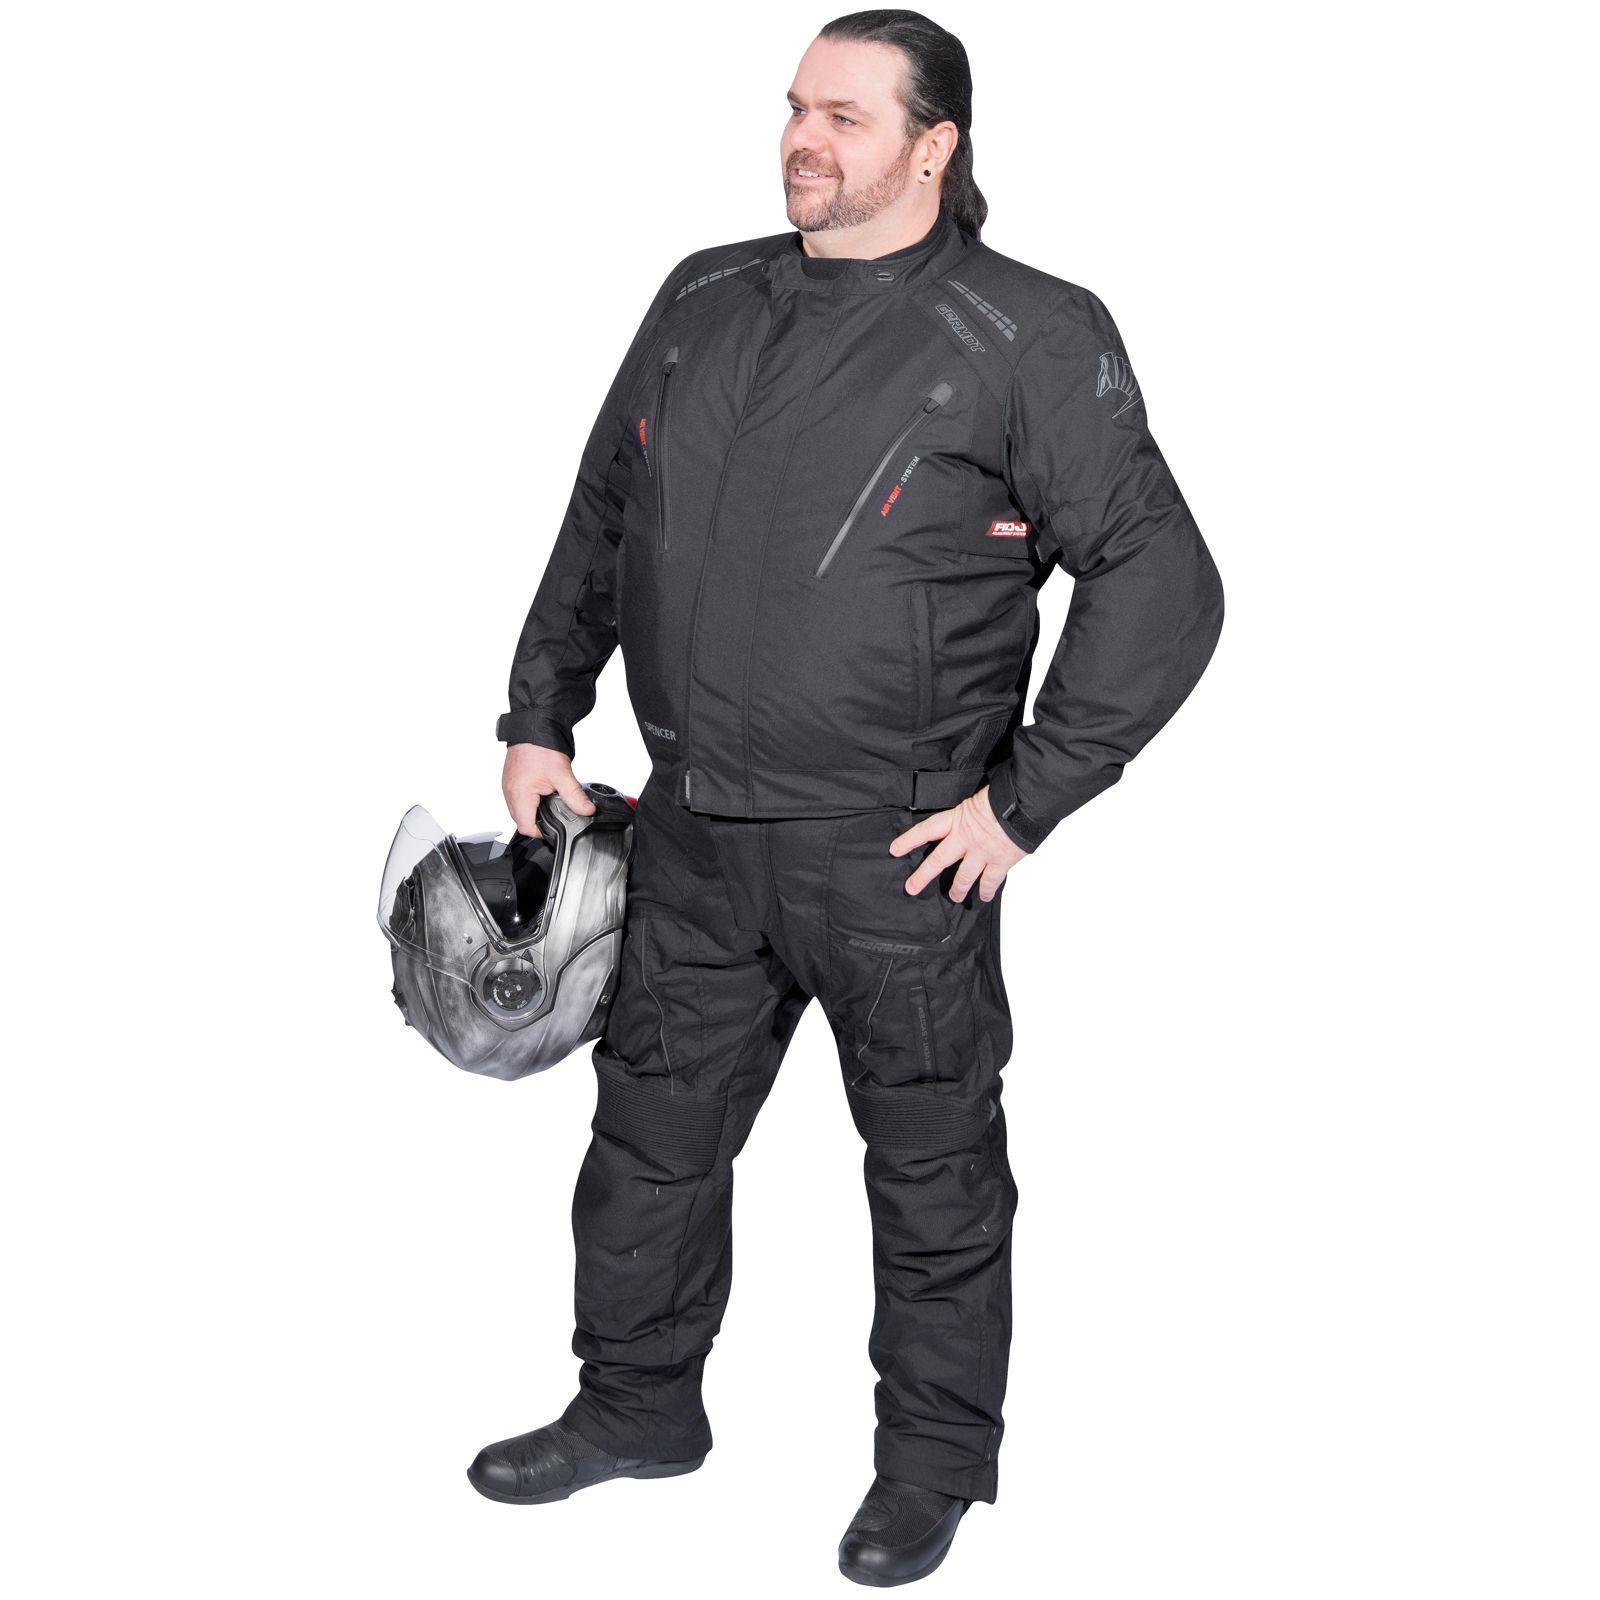 2562a9afa830 Details zu Germot Spencer Textiljacke Motorrad Jacke Übergröße Untersetzte  Große Größen Big